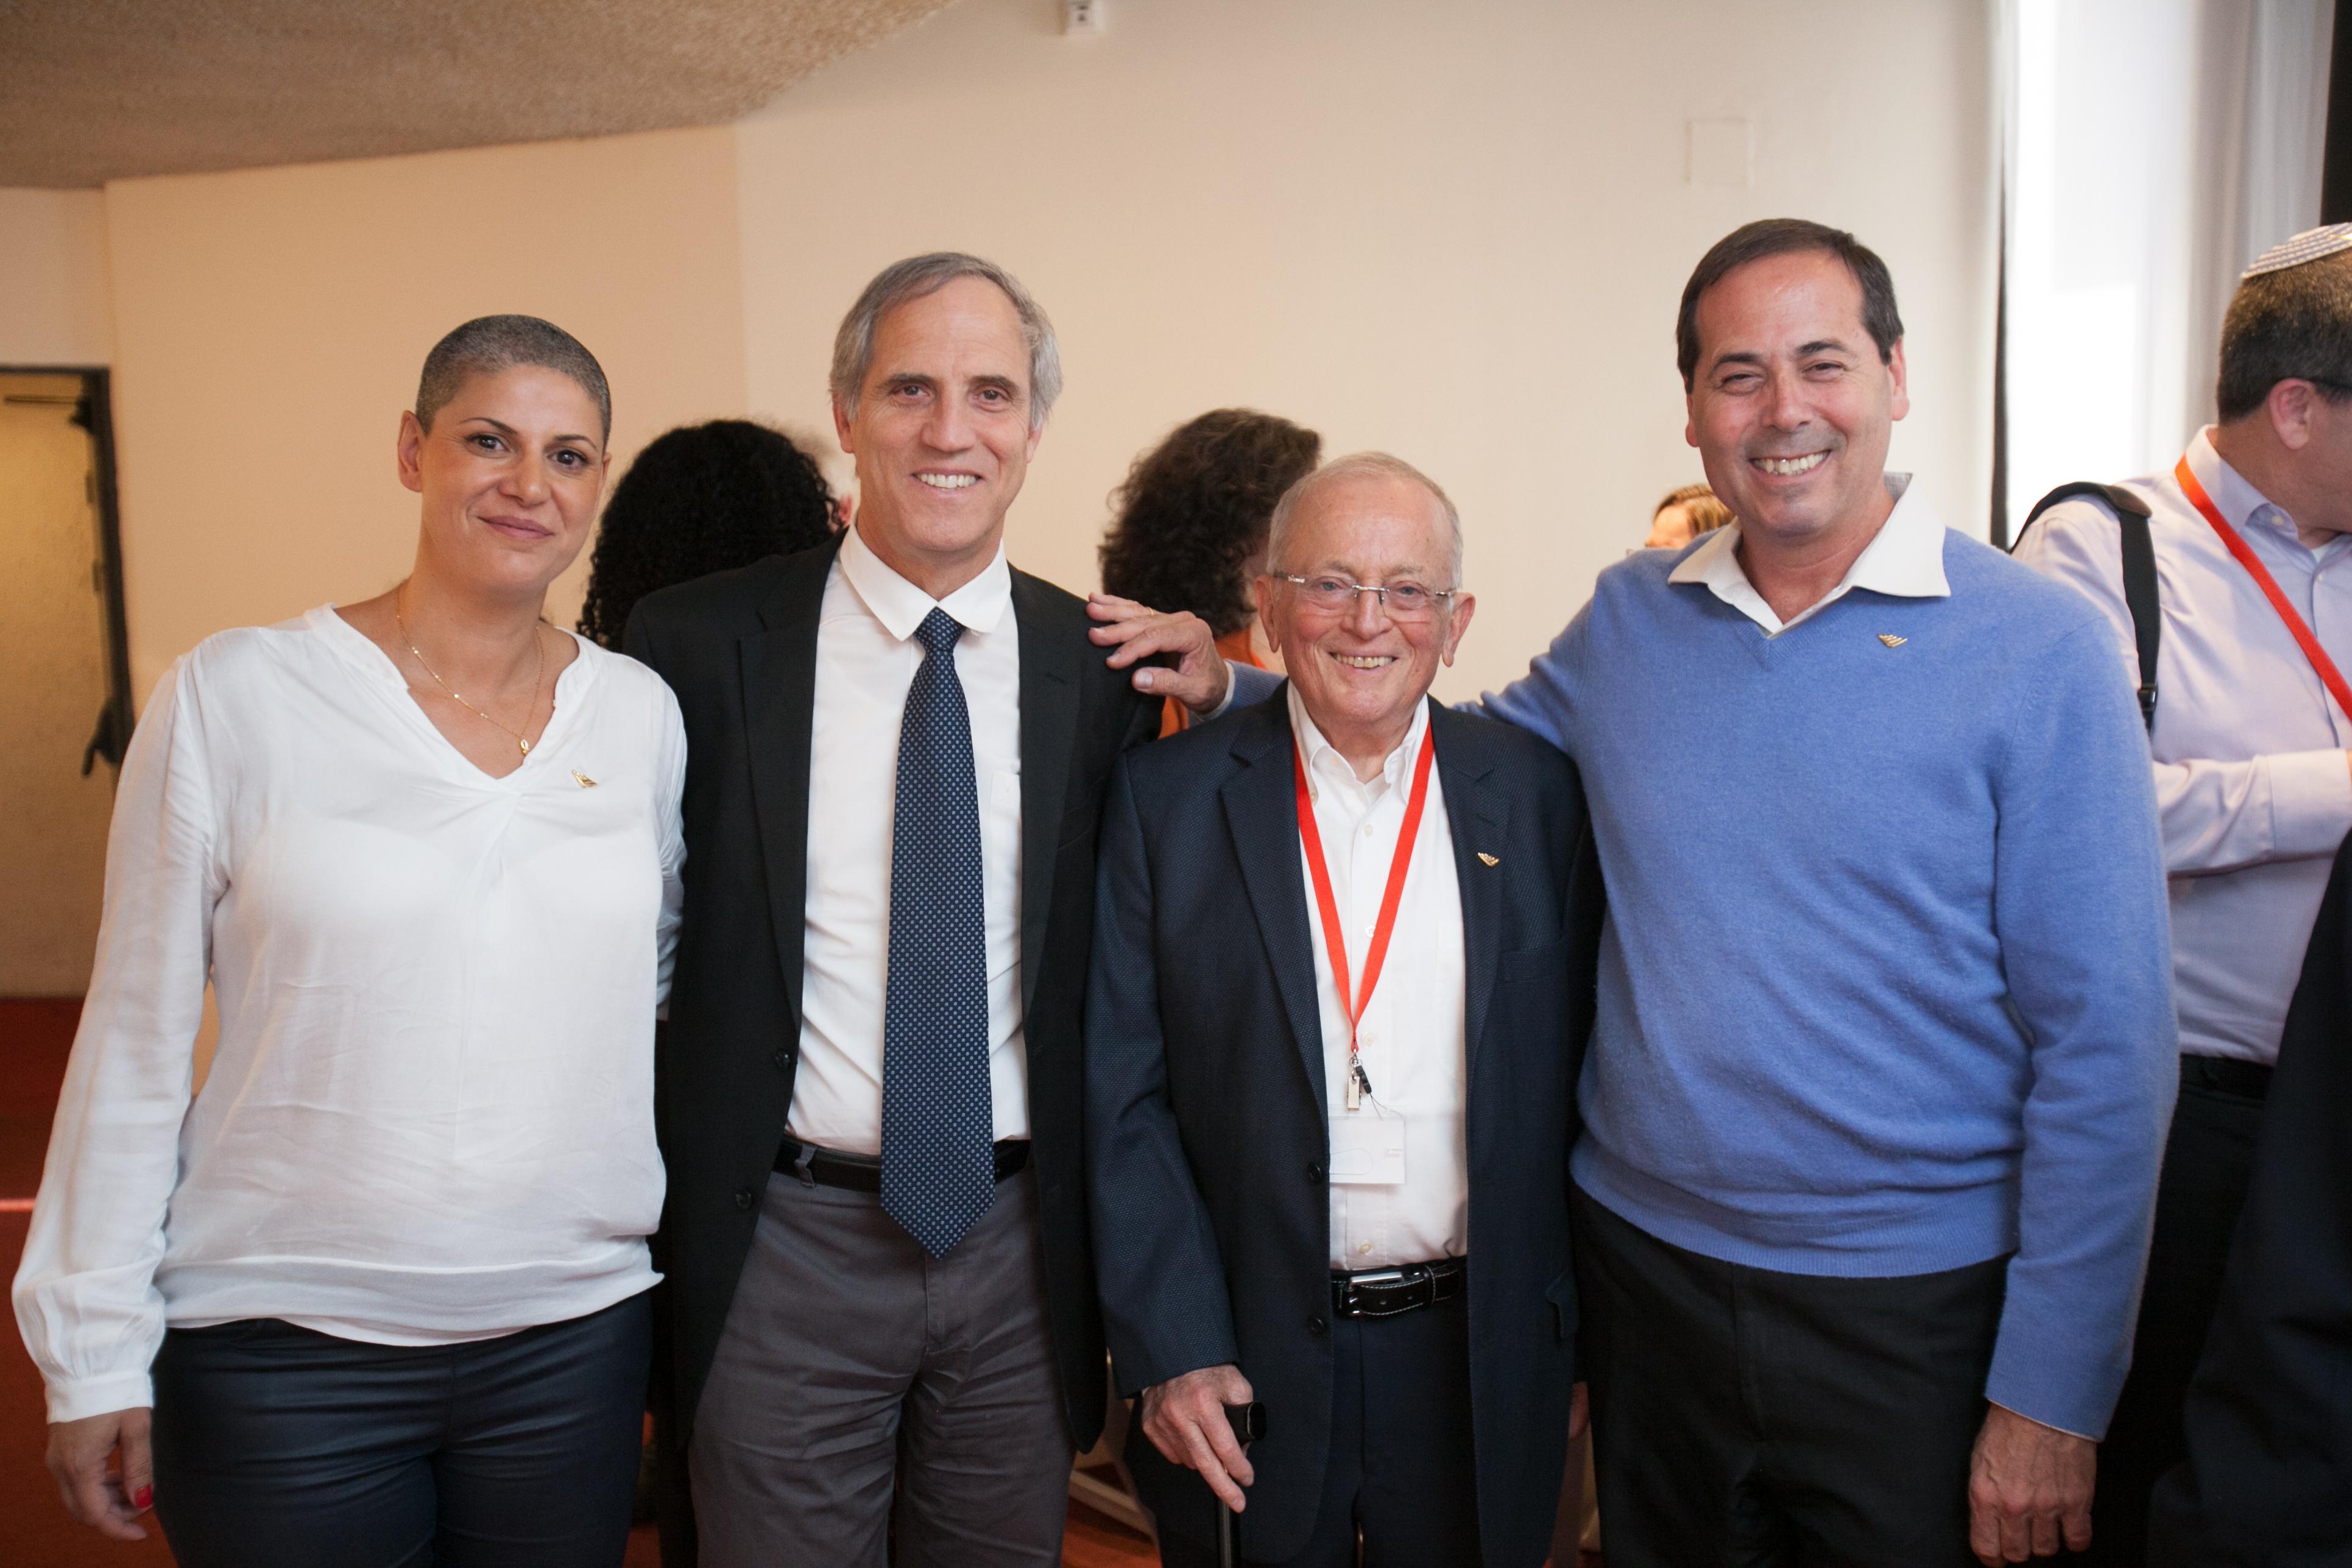 אמיר אלשטיין, עוזי וכסלר, פרופ אבי דומב ושלומציון לולו בטקס קבלת הפנים